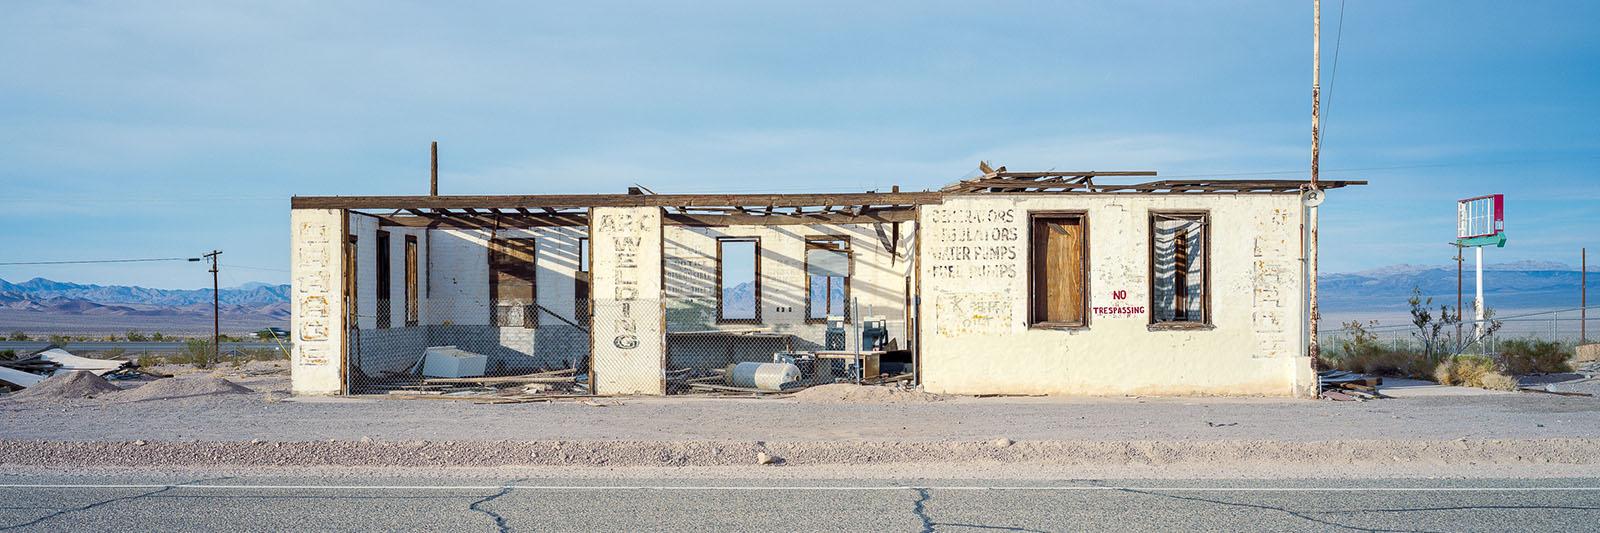 Abandoned, California, Desert, Fall, Kodak Portra 160, Mojave Desert, Panorama, Panoramic, Route 66, USA, United States